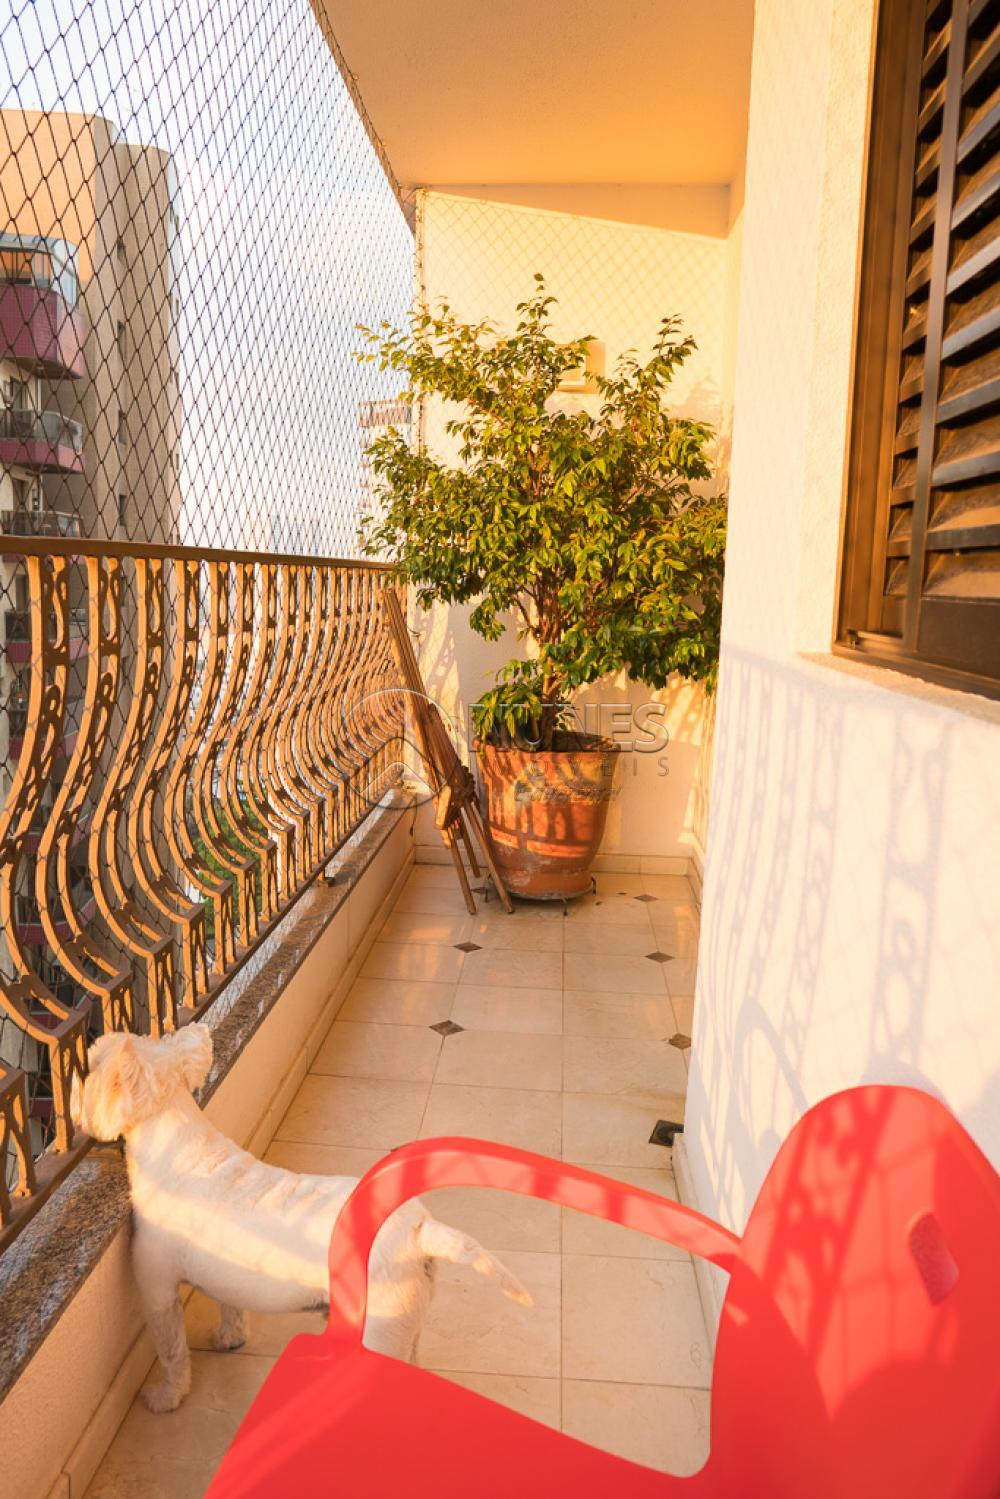 Comprar Apartamento / Padrão em Osasco apenas R$ 550.000,00 - Foto 13